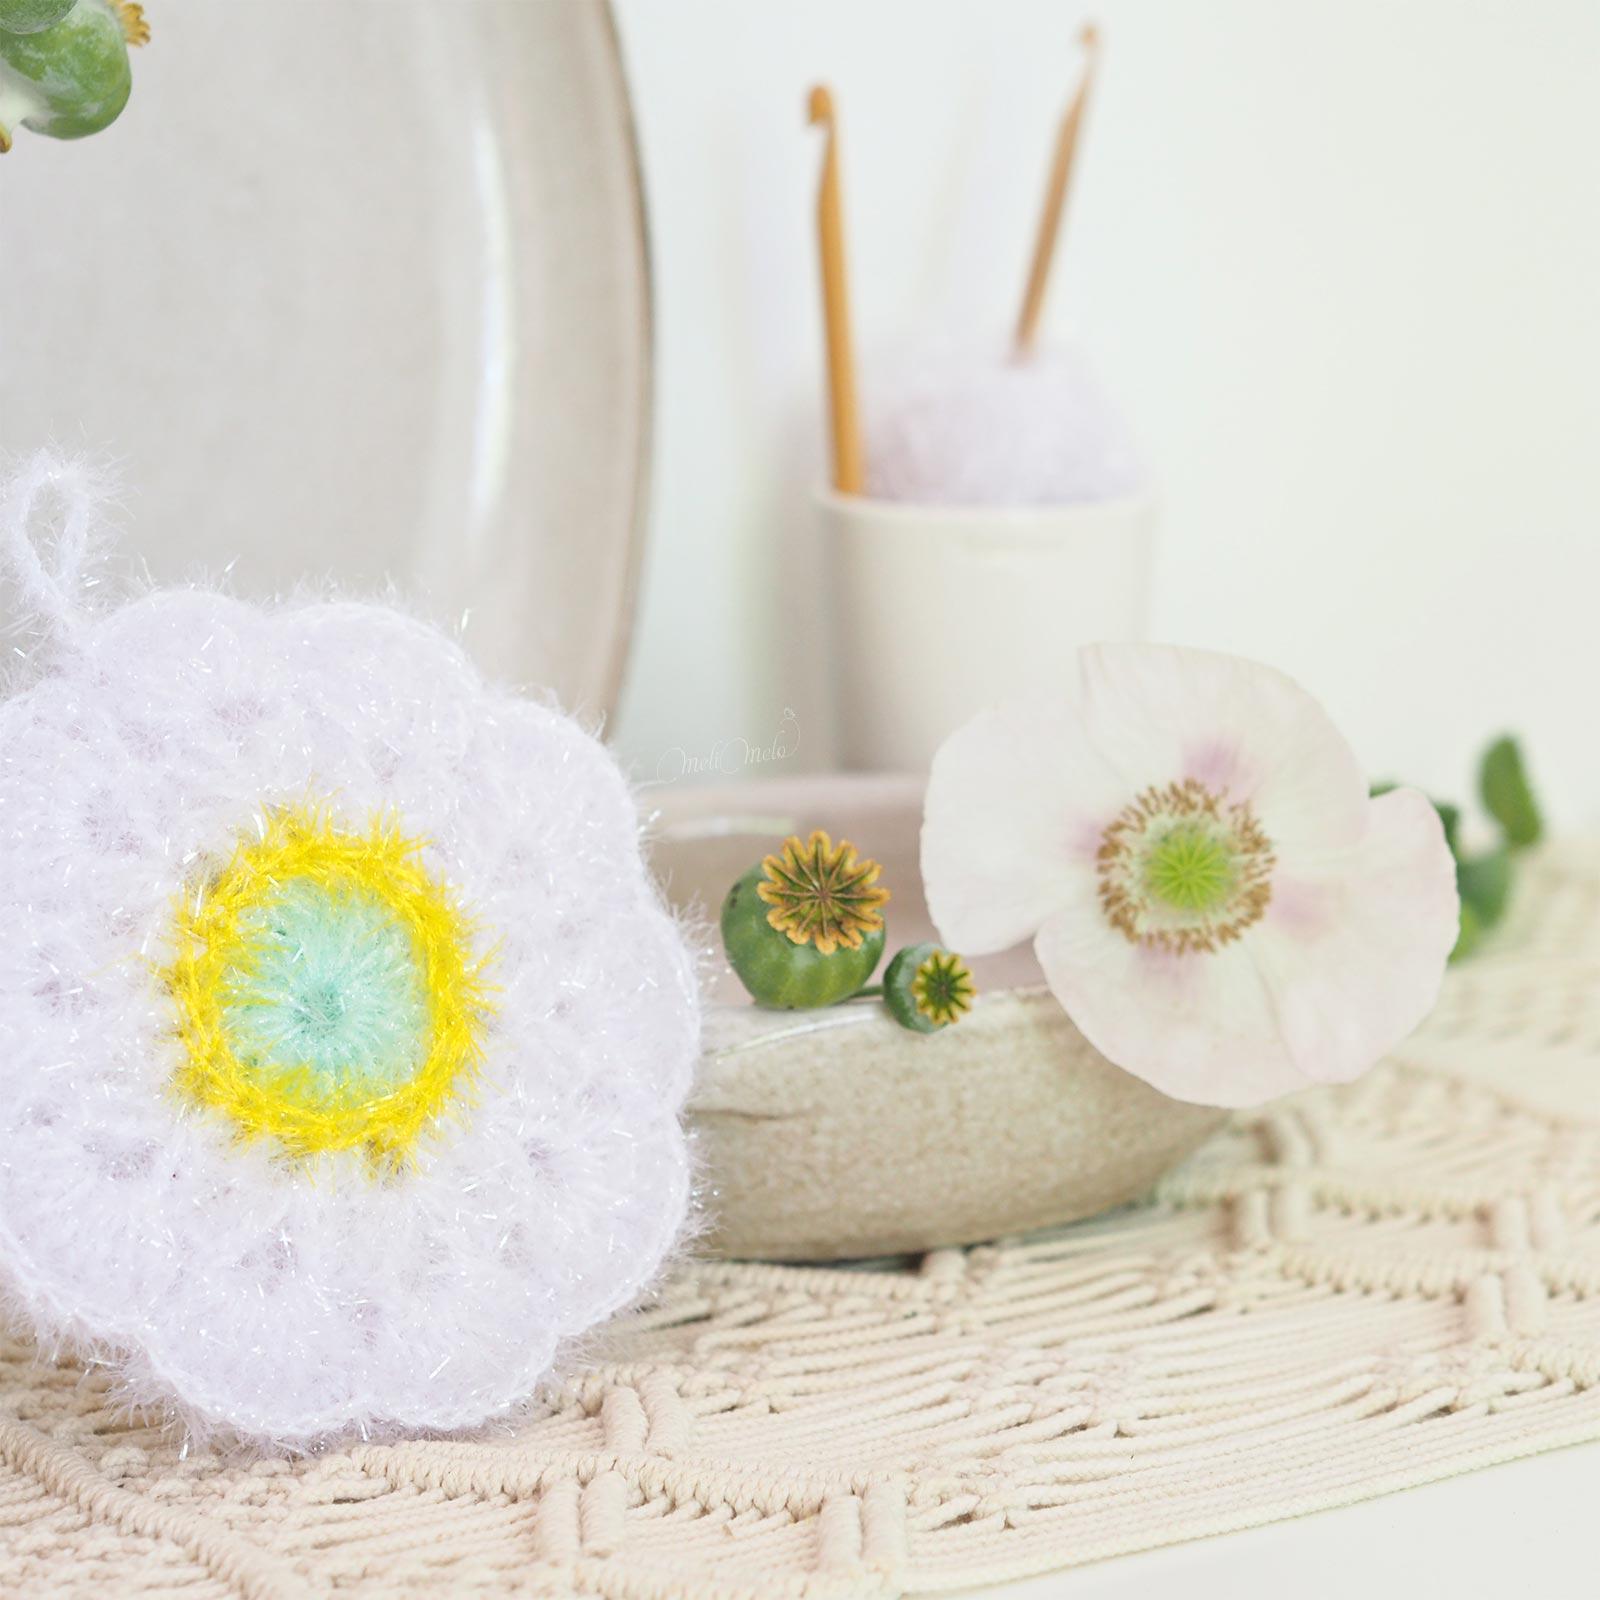 tawashi éponge durable fleur pavot crochet creative bubble upcycling laboutiquedemelimelo